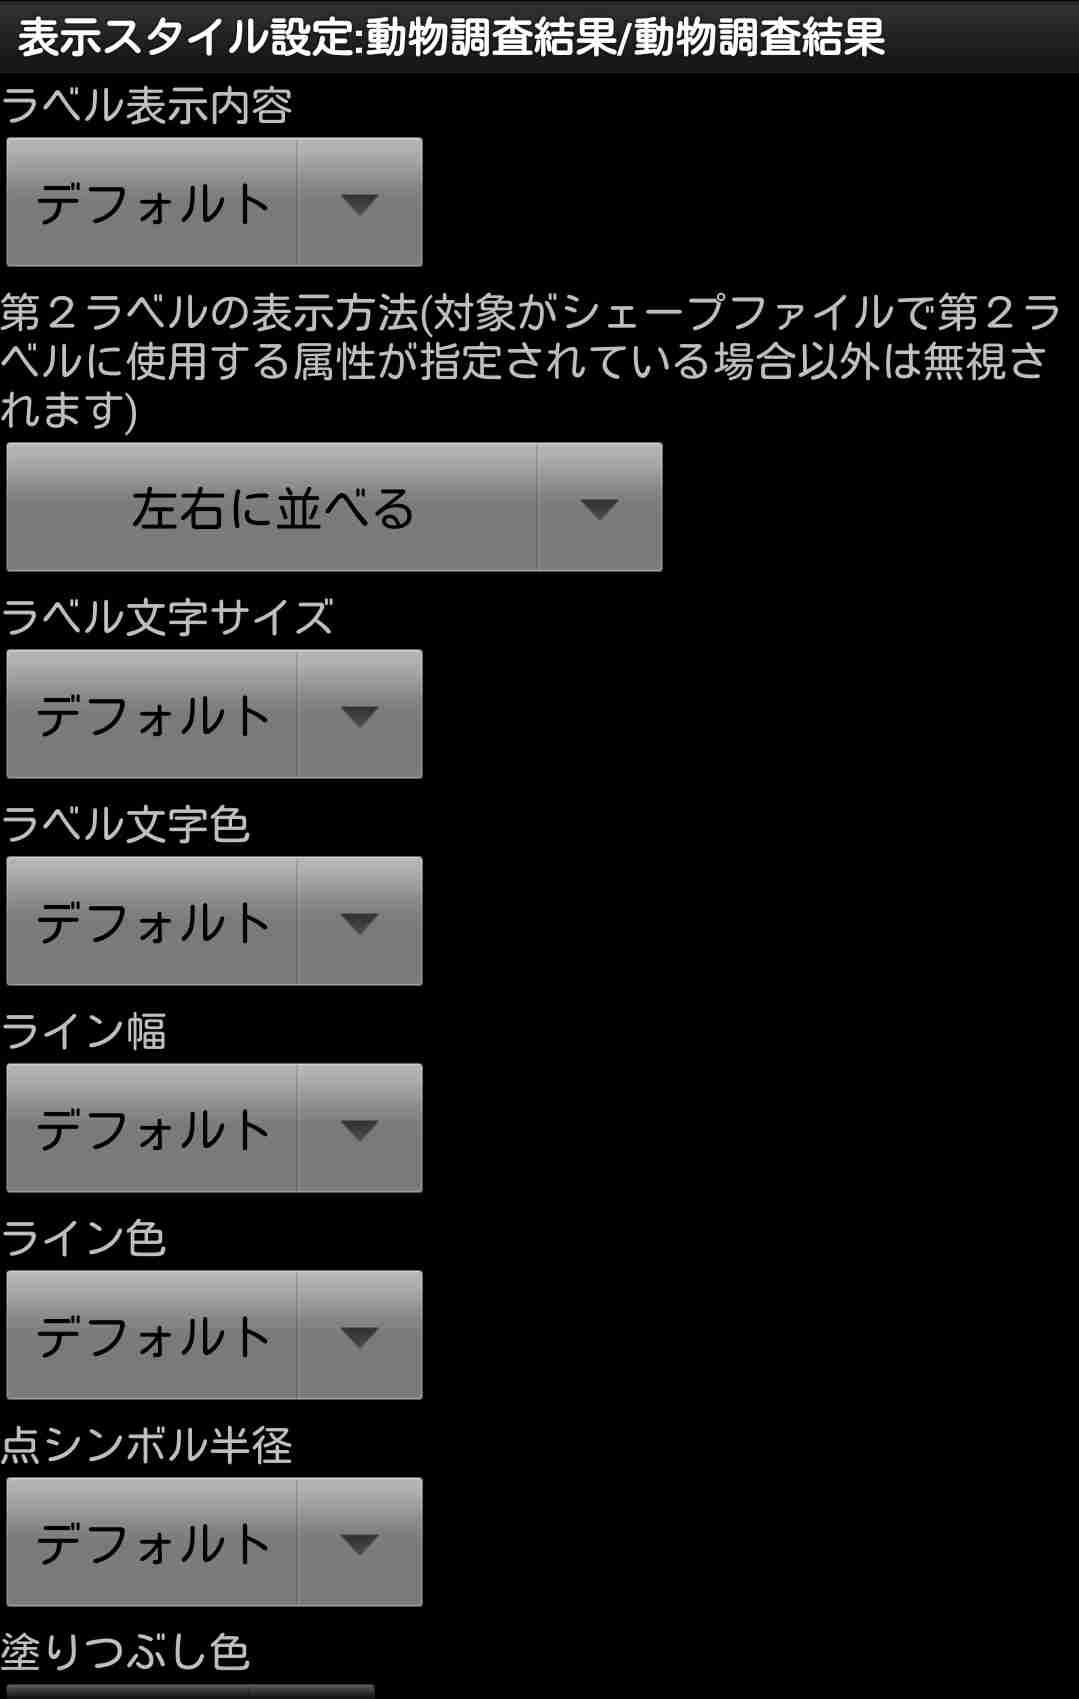 03フォルダ設定画面